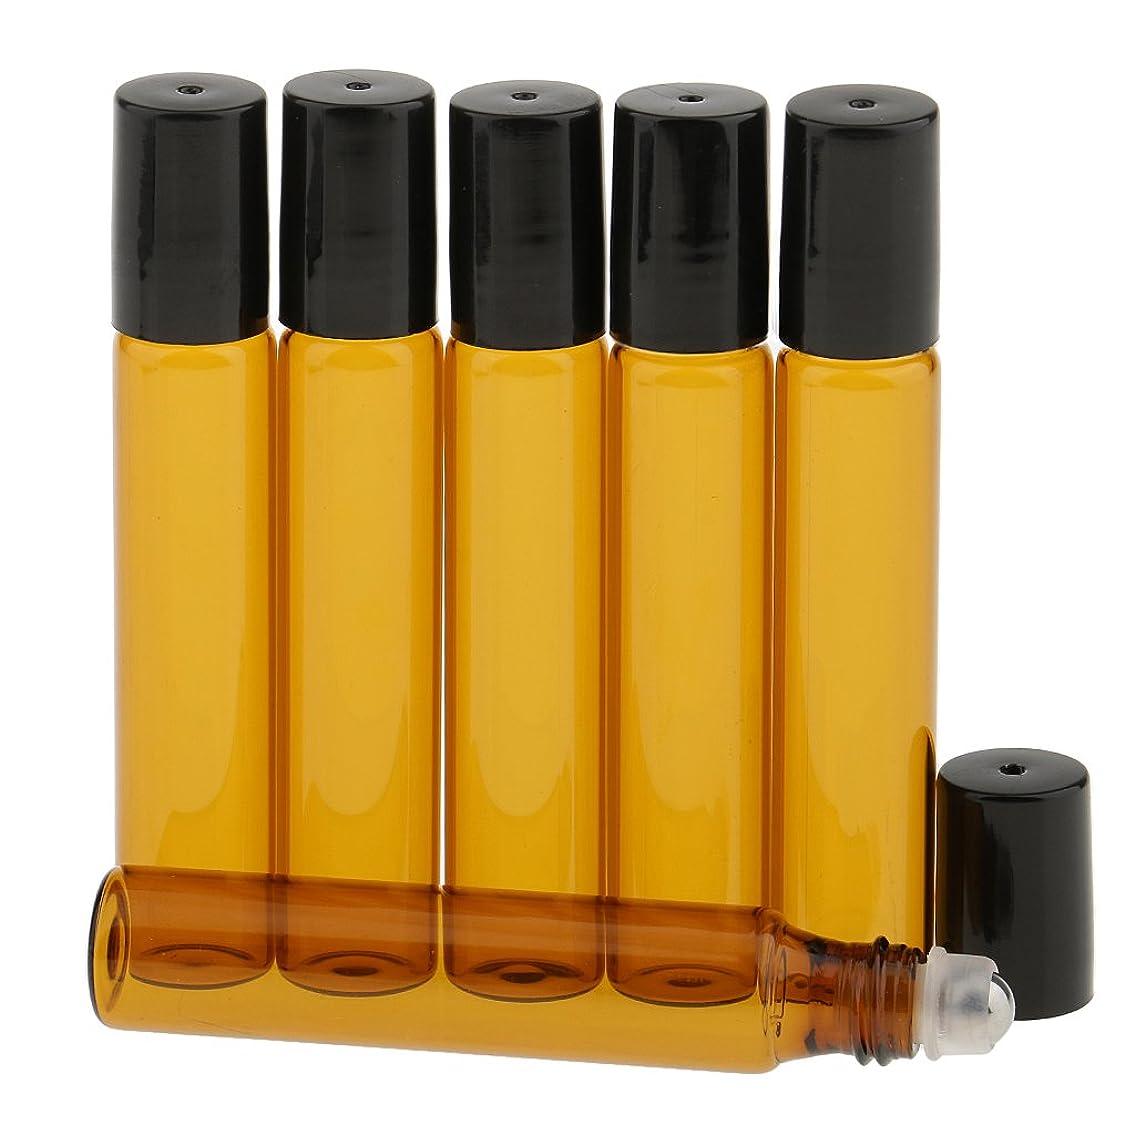 遺体安置所生きているブローホールT TOOYFUL 香水分装 化粧ボトル ガラスロール 詰め替え可能 旅行用 光避けデザイン 6本入り